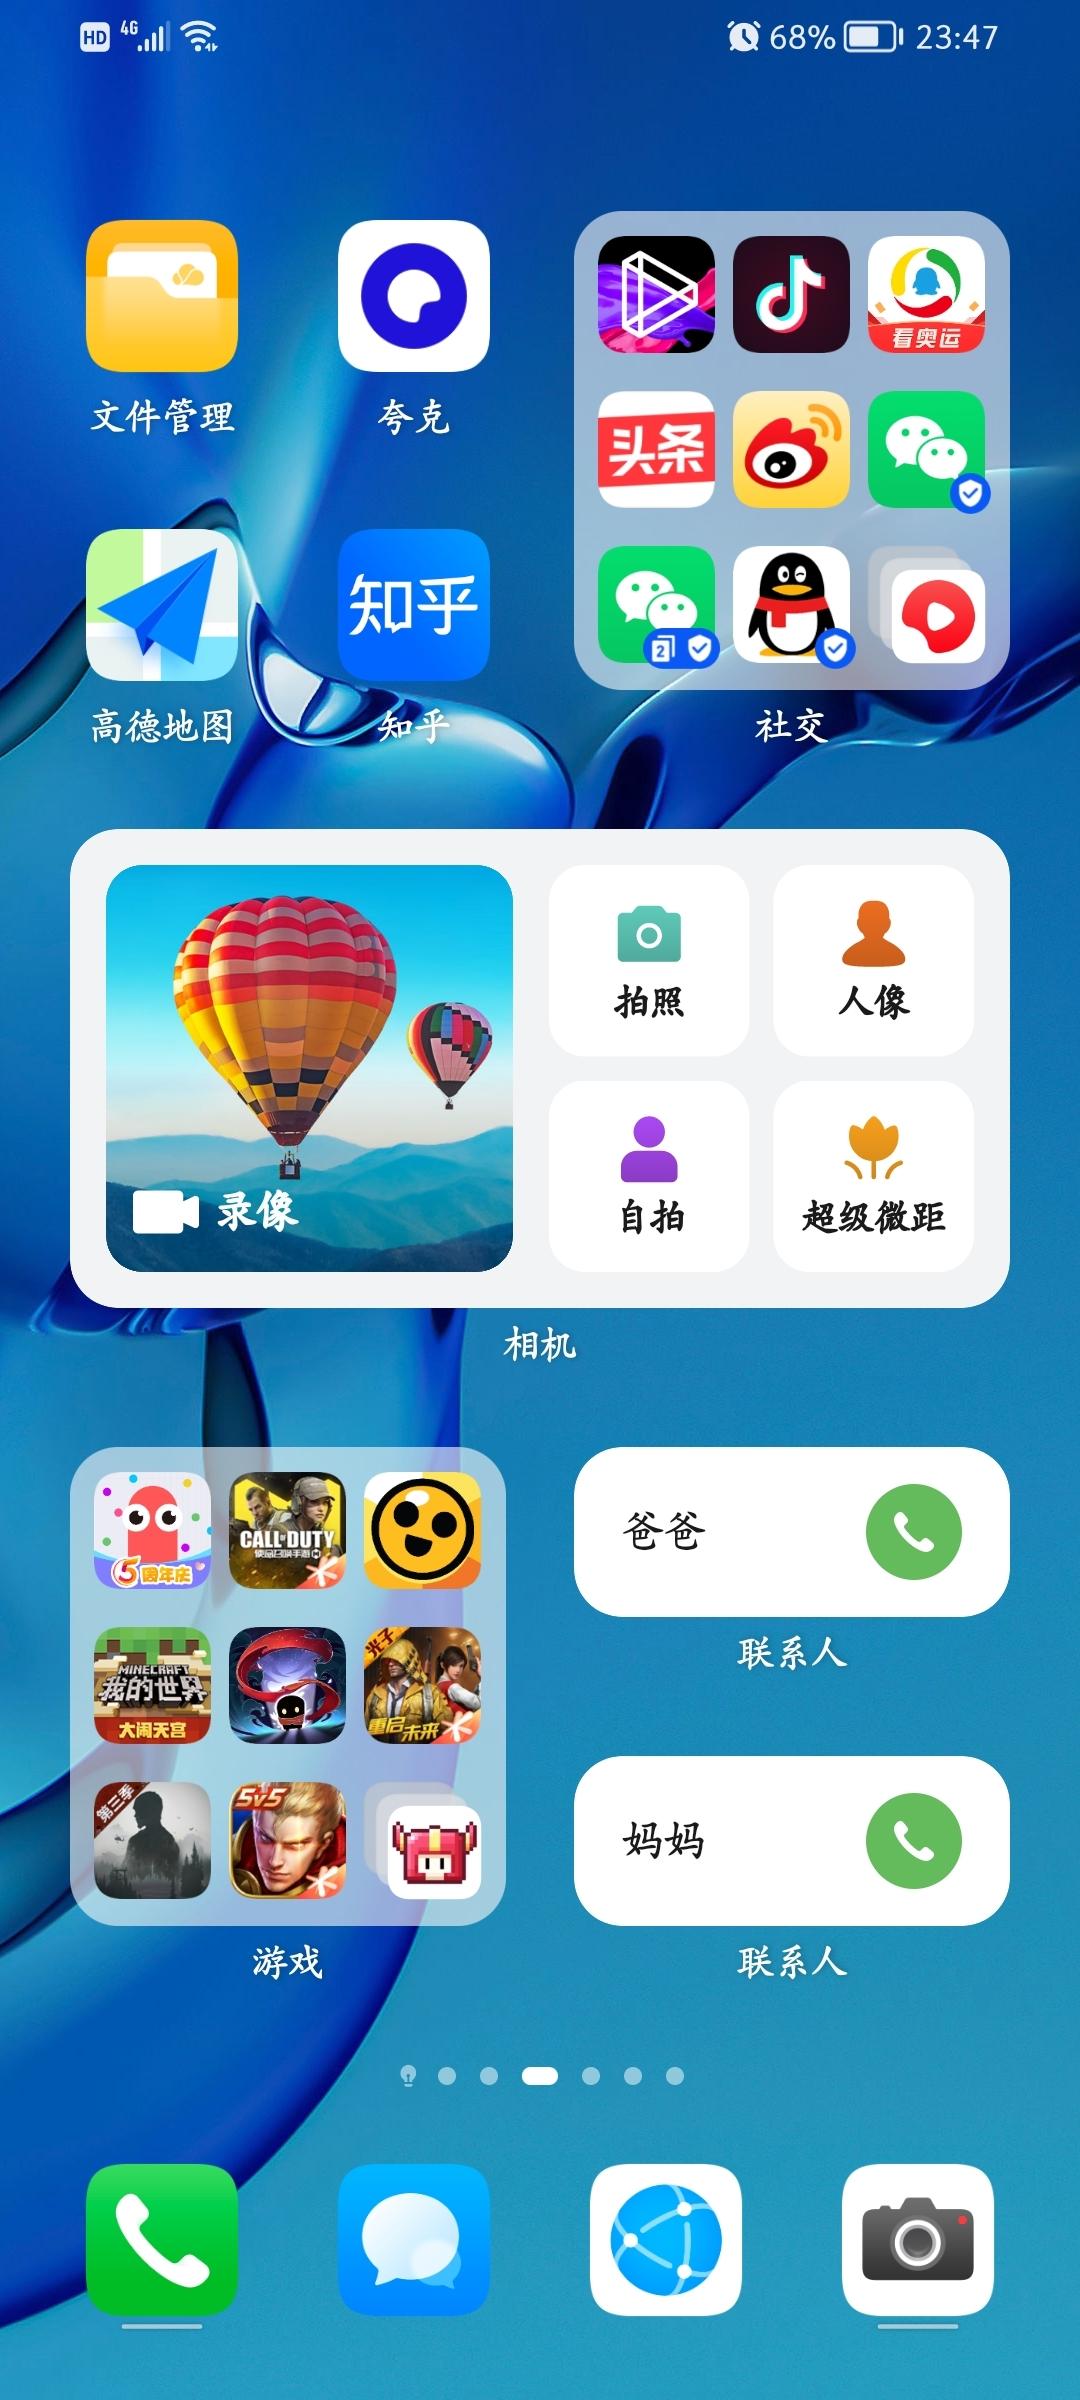 Screenshot_20210806_234715_com.huawei.android.launcher.jpg